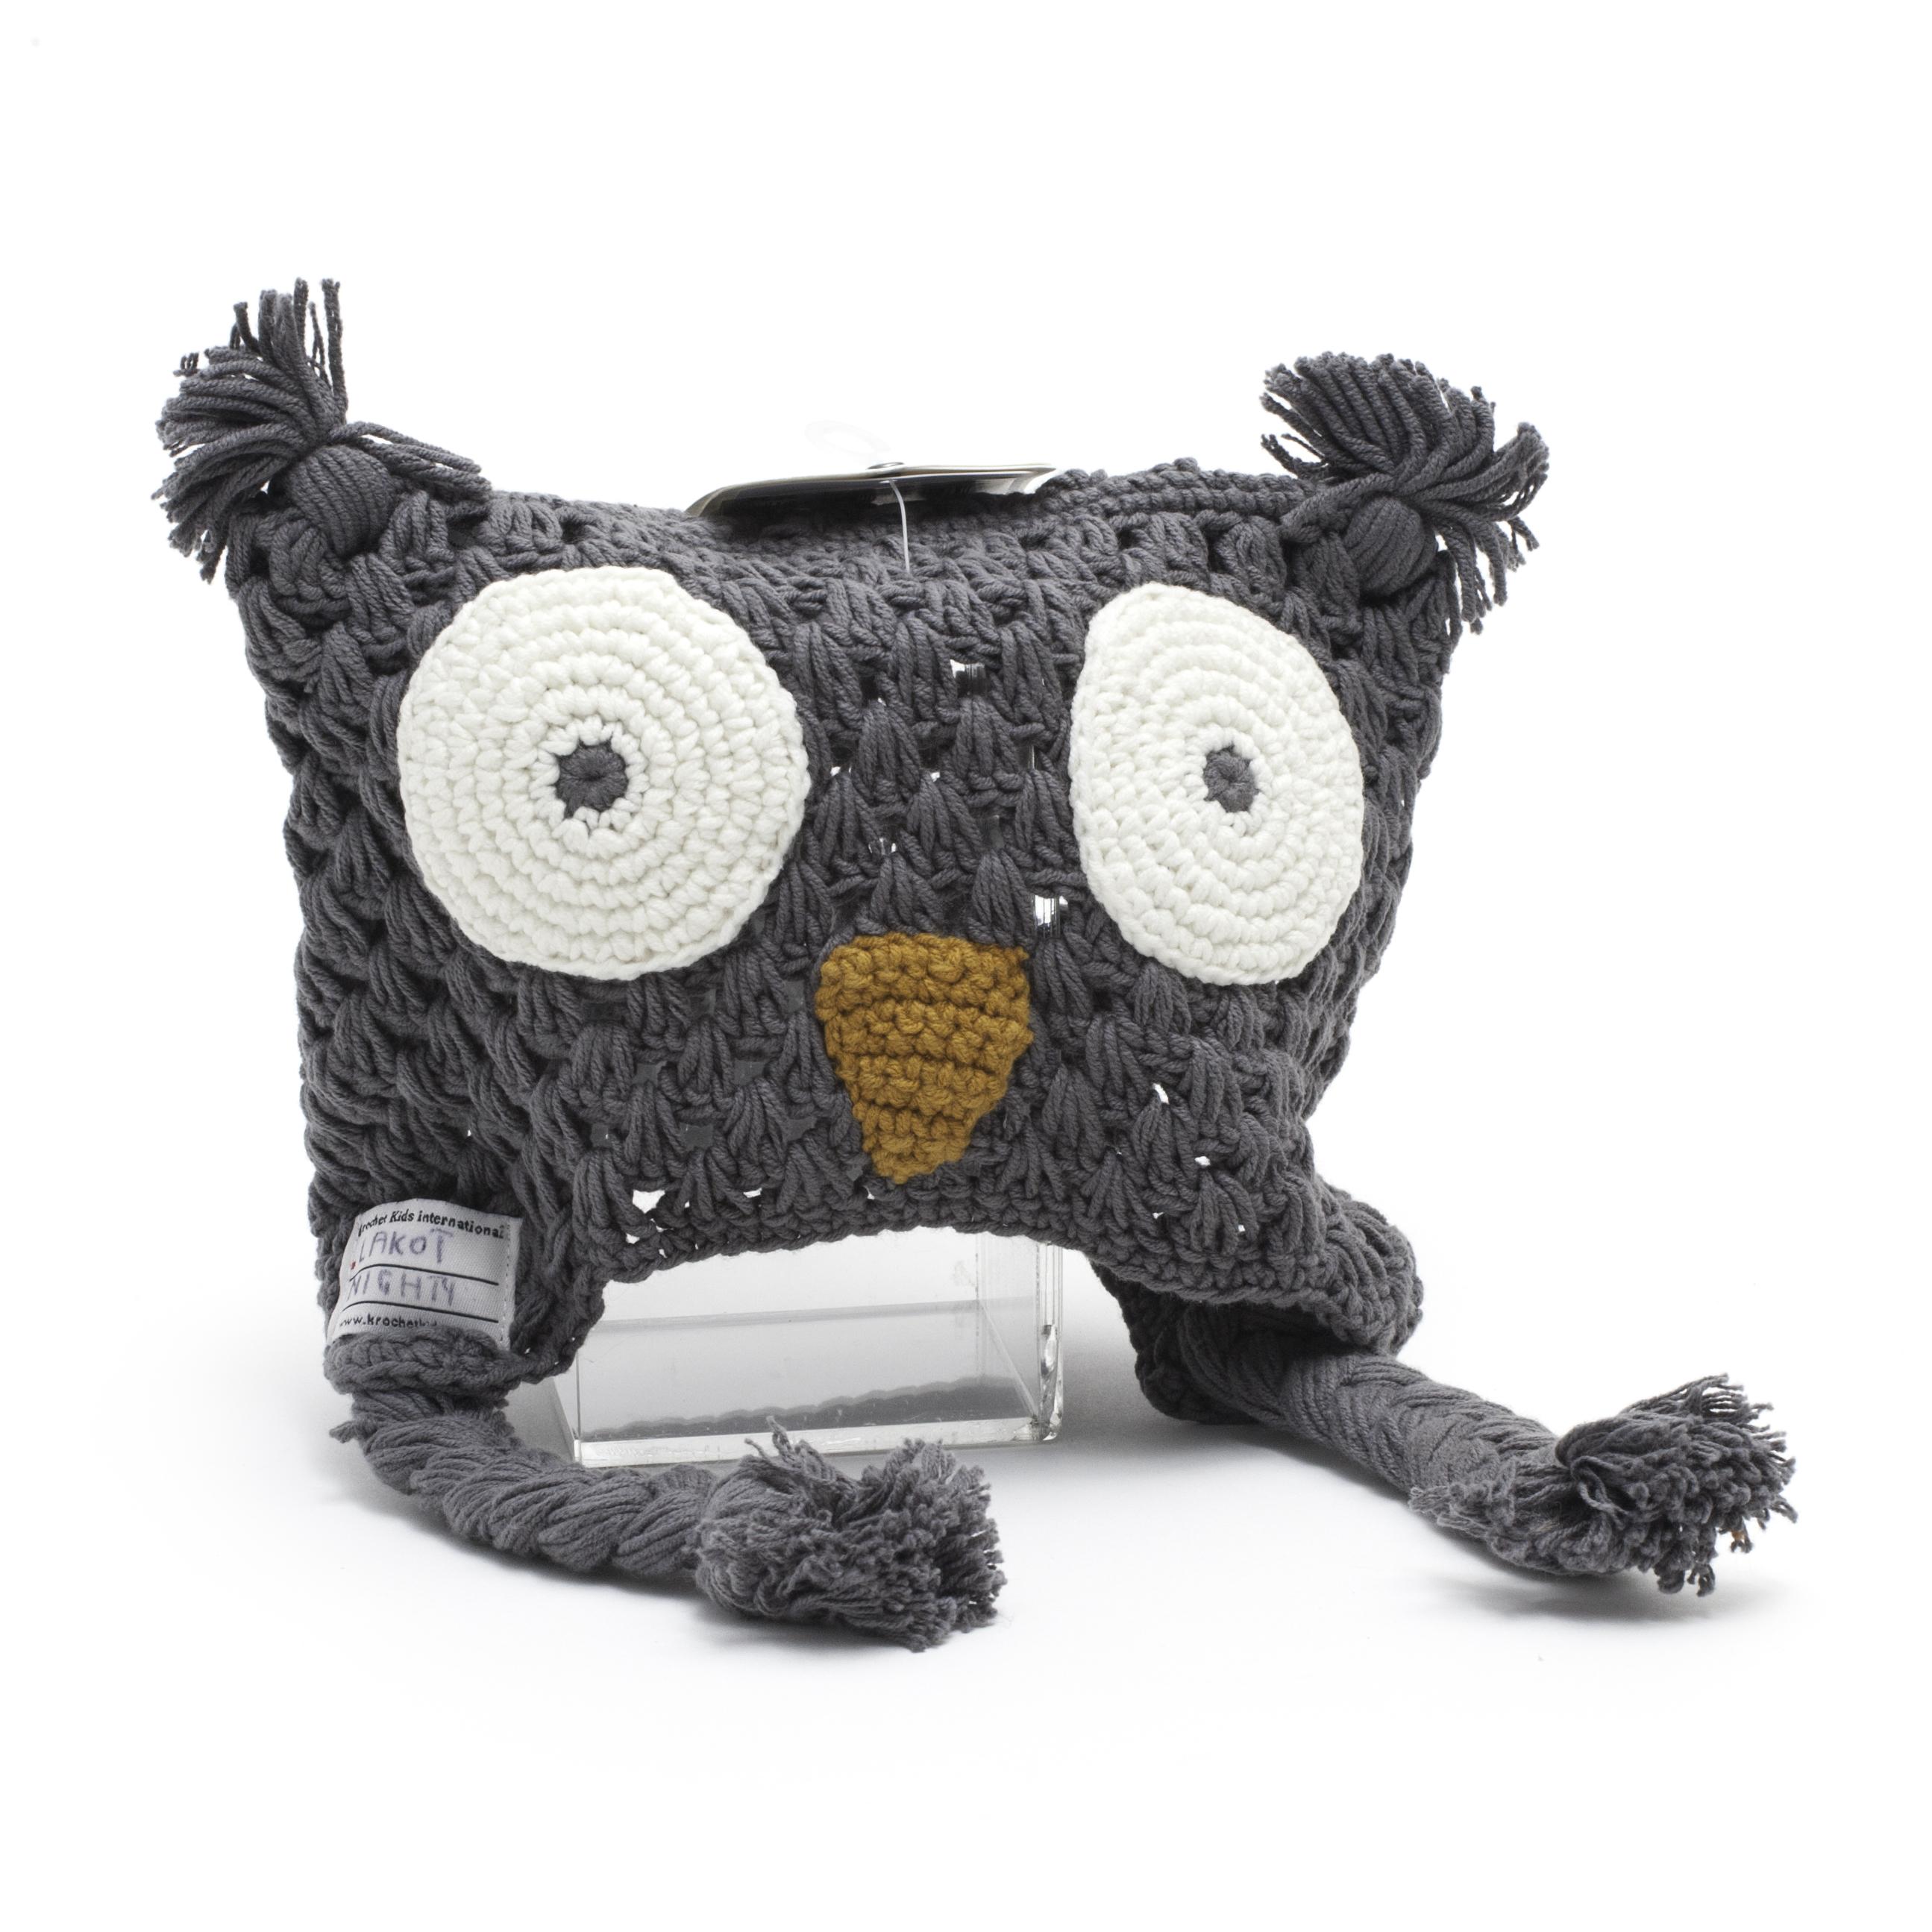 Owl Beanie by Krochet Kids